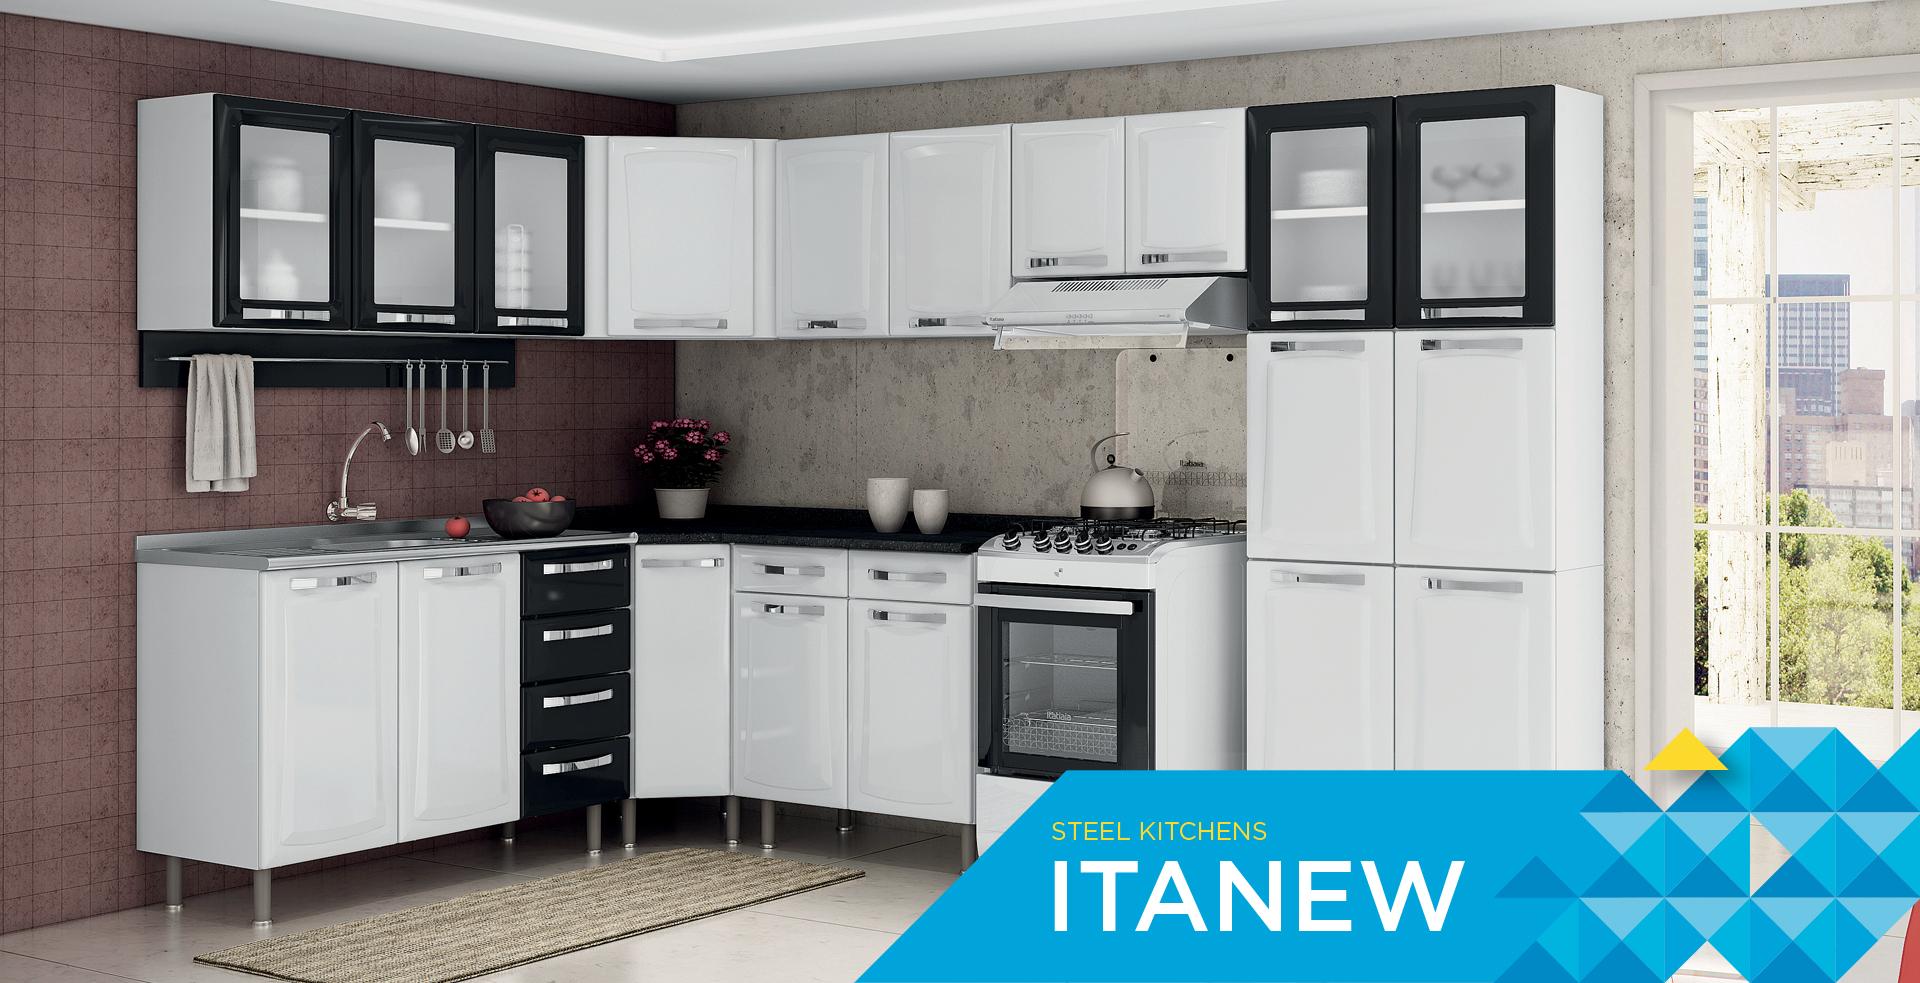 Steel Kitchens Itanew | Cozinhas Itatiaia